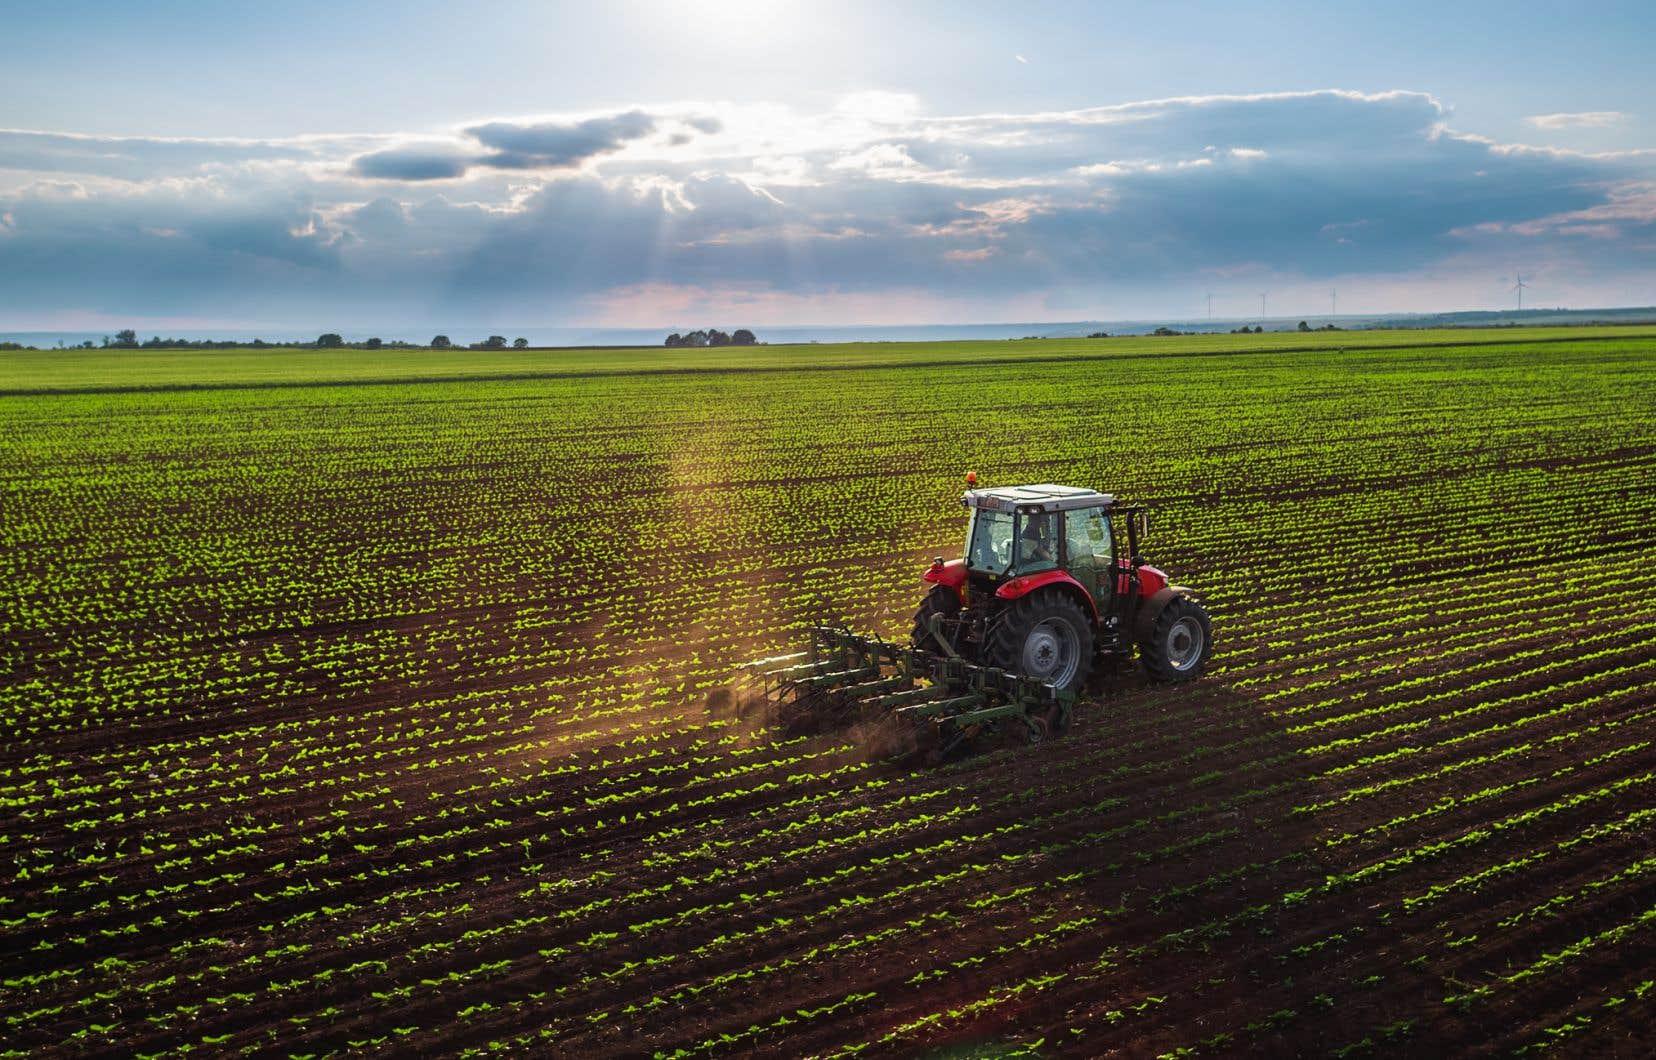 «En cinqans seulement, il y aura eu deux décrets et plus de 220 hectares dézonés parmi les meilleures terres agricoles du Québec», écrit l'autrice.